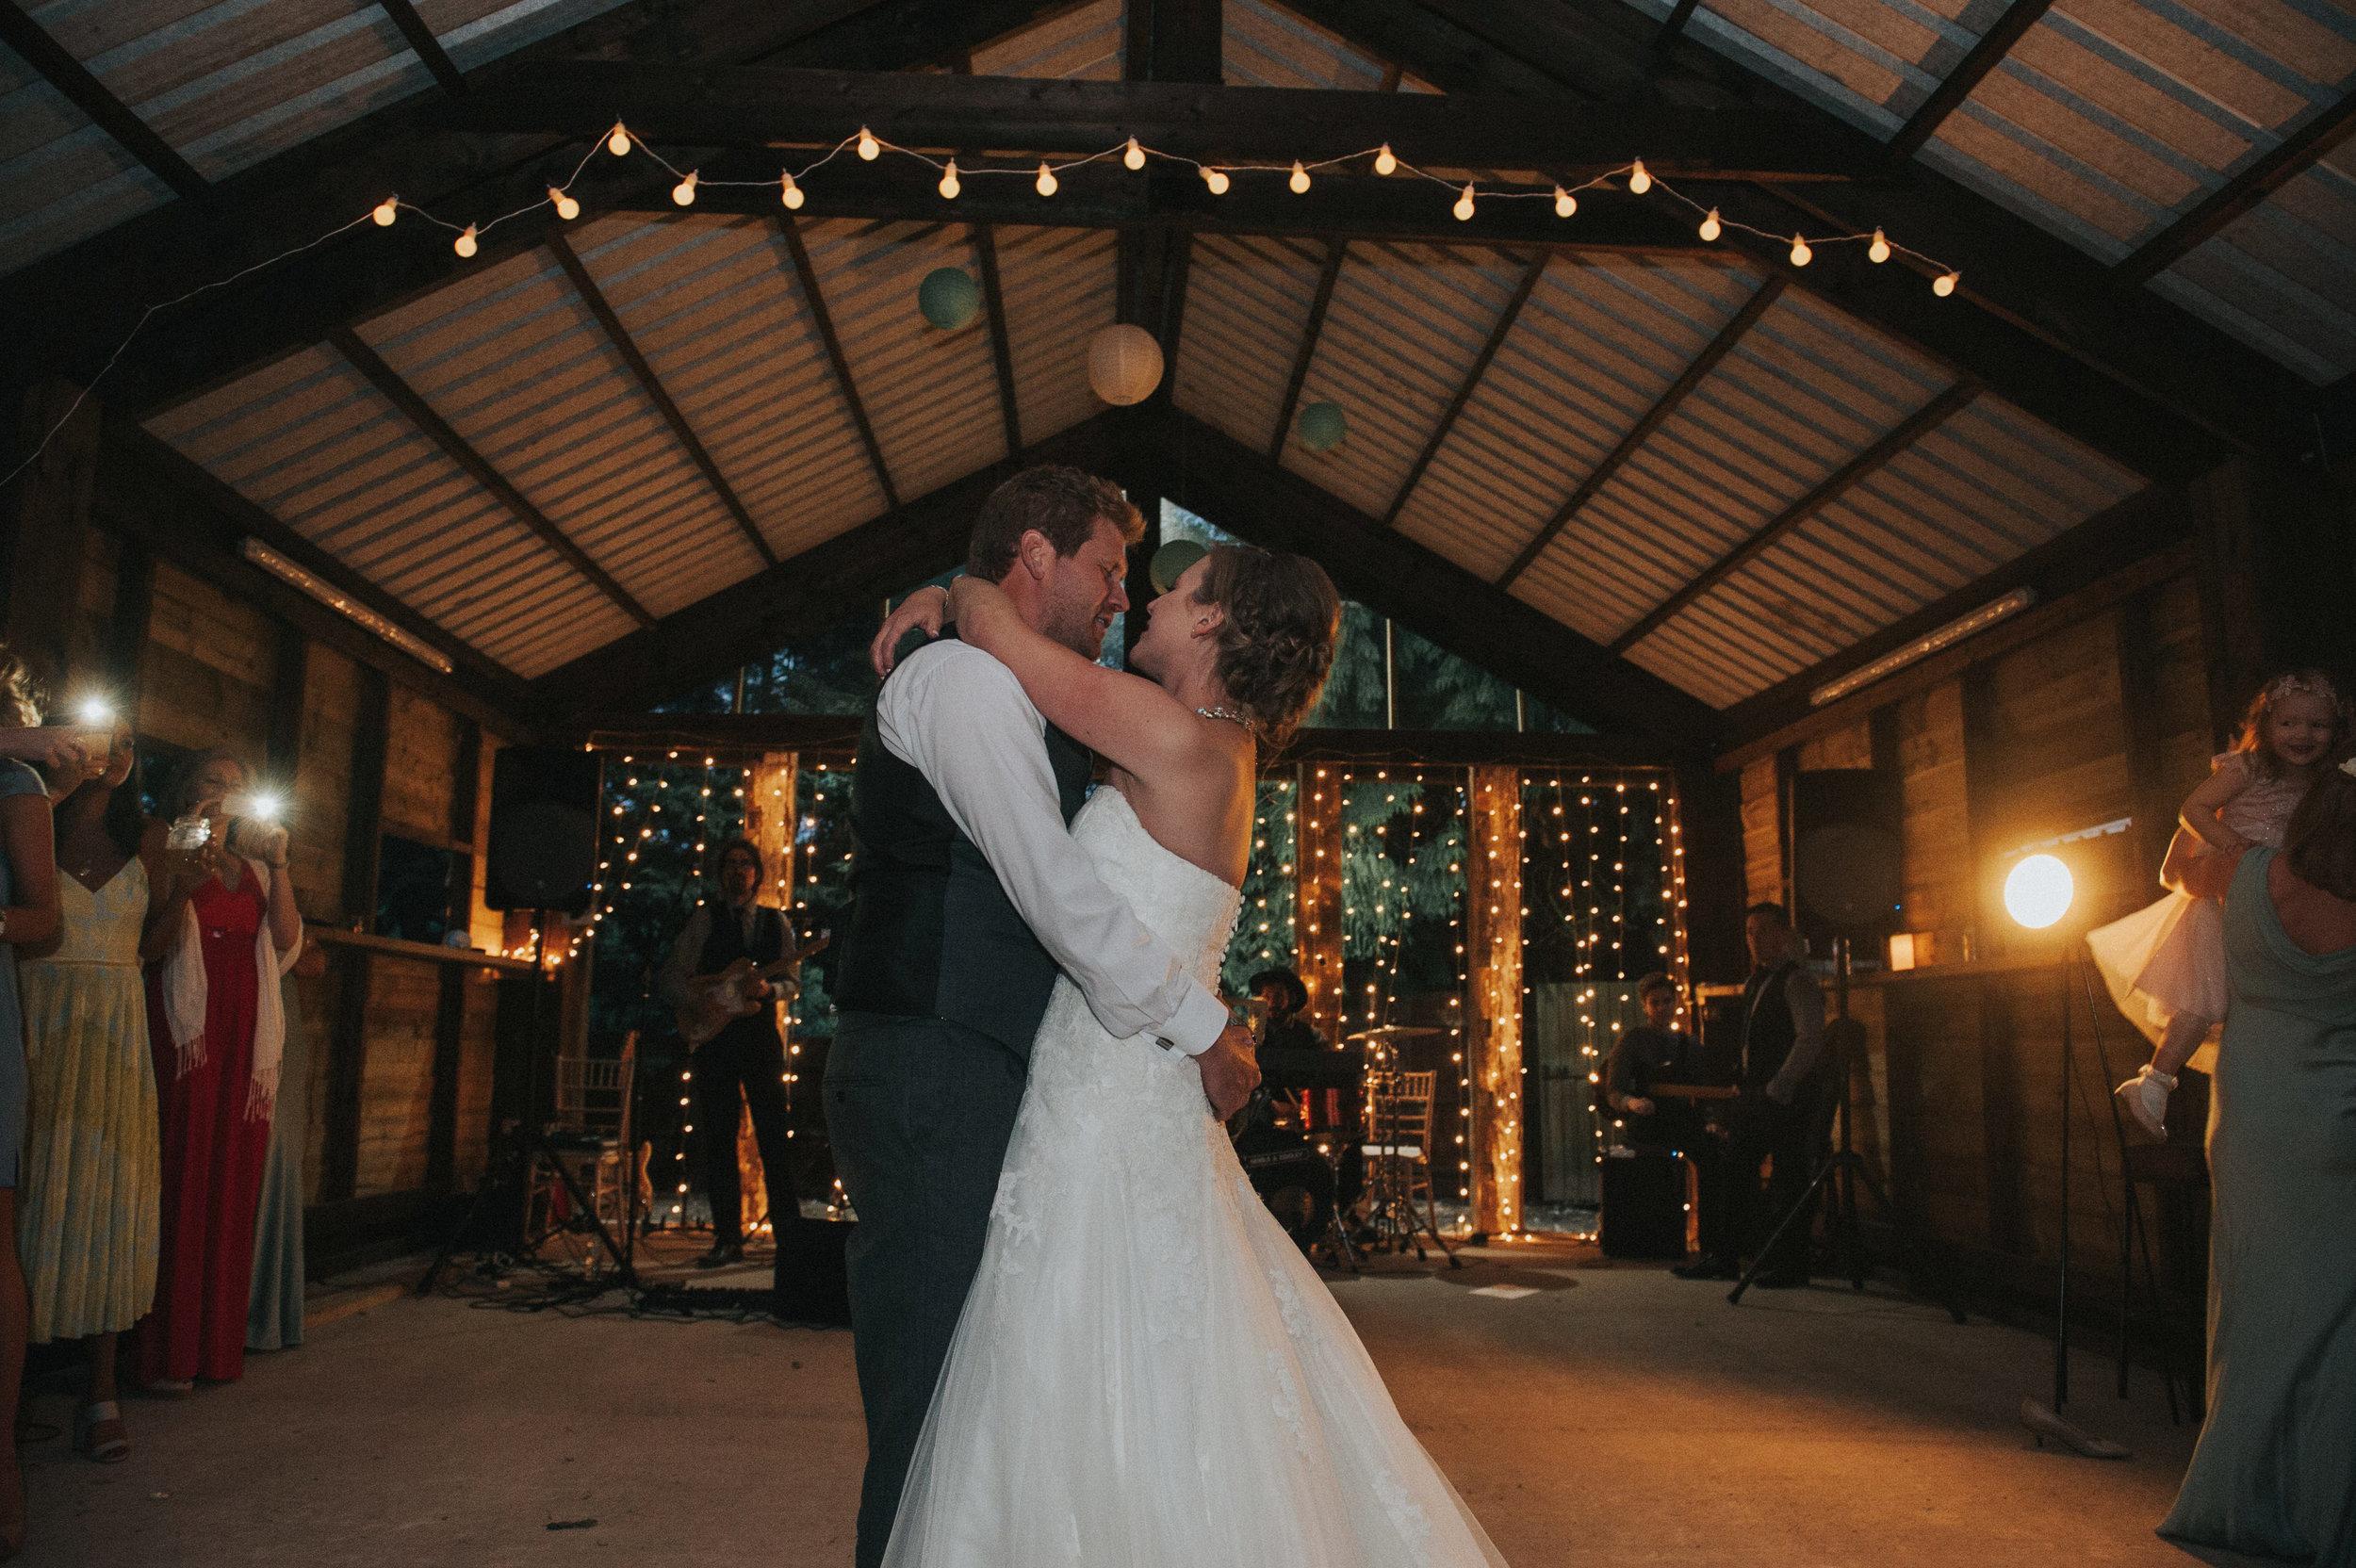 festival-farm-wedding-169.jpg